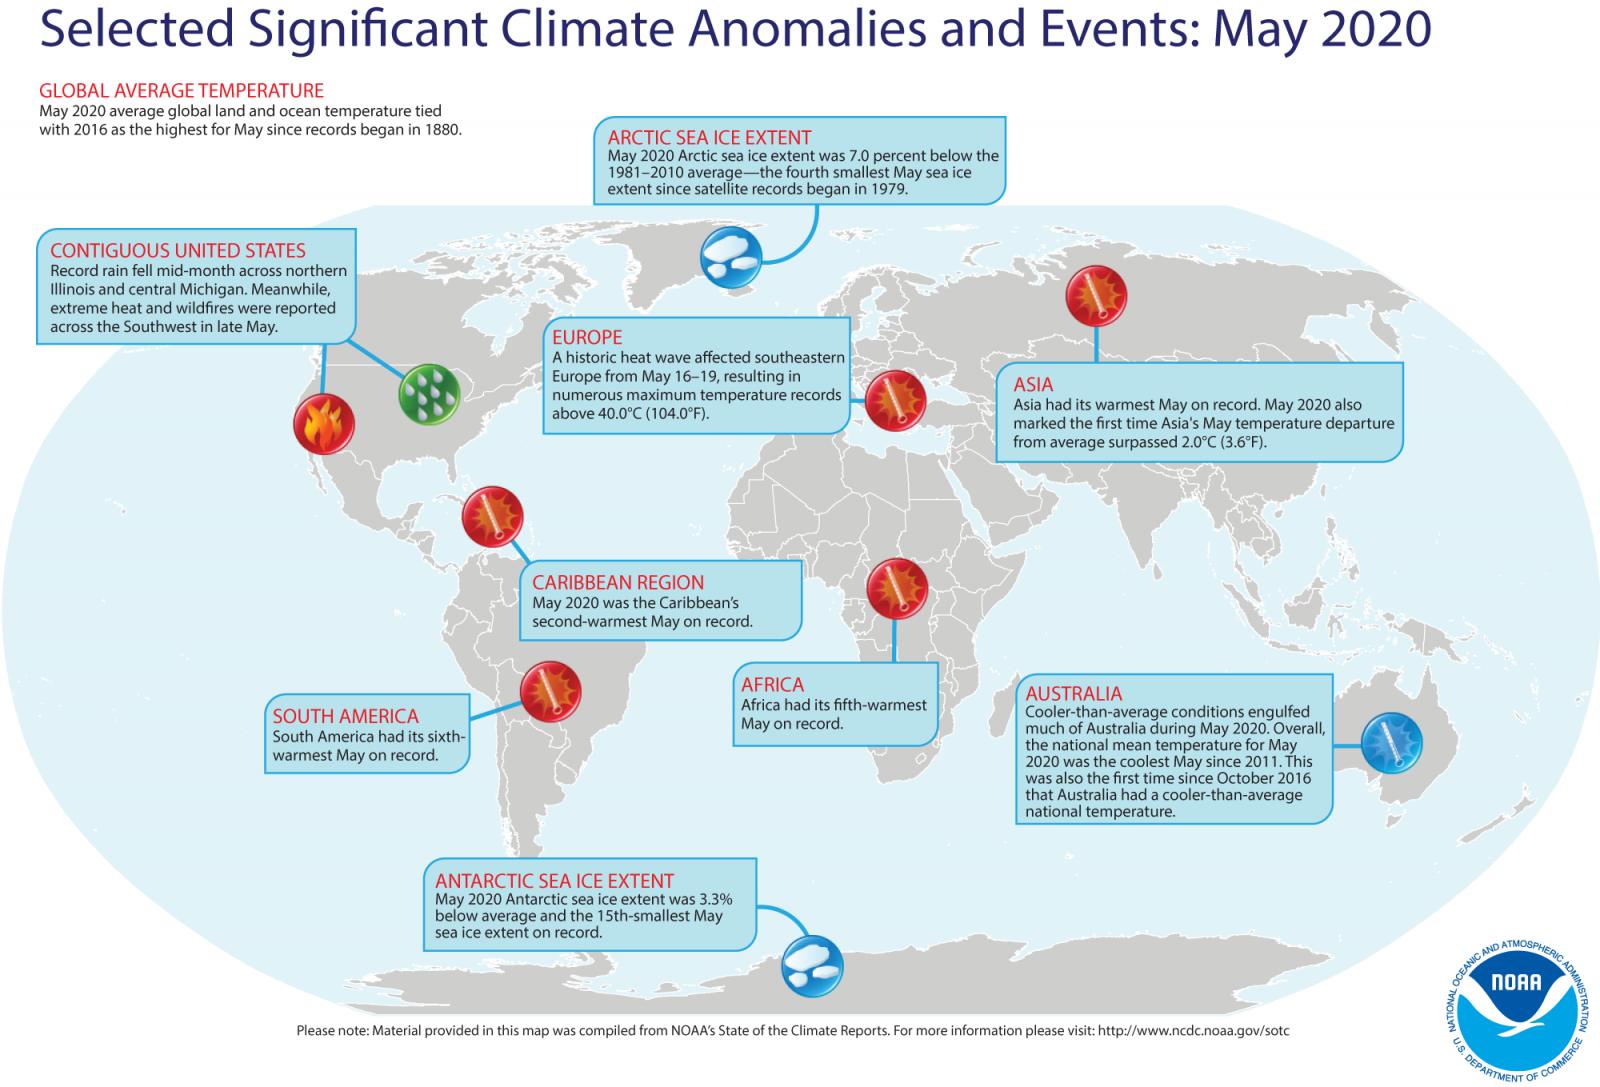 Image d'illustration pour Mai 2020, mois de mai le plus chaud jamais observé dans le monde